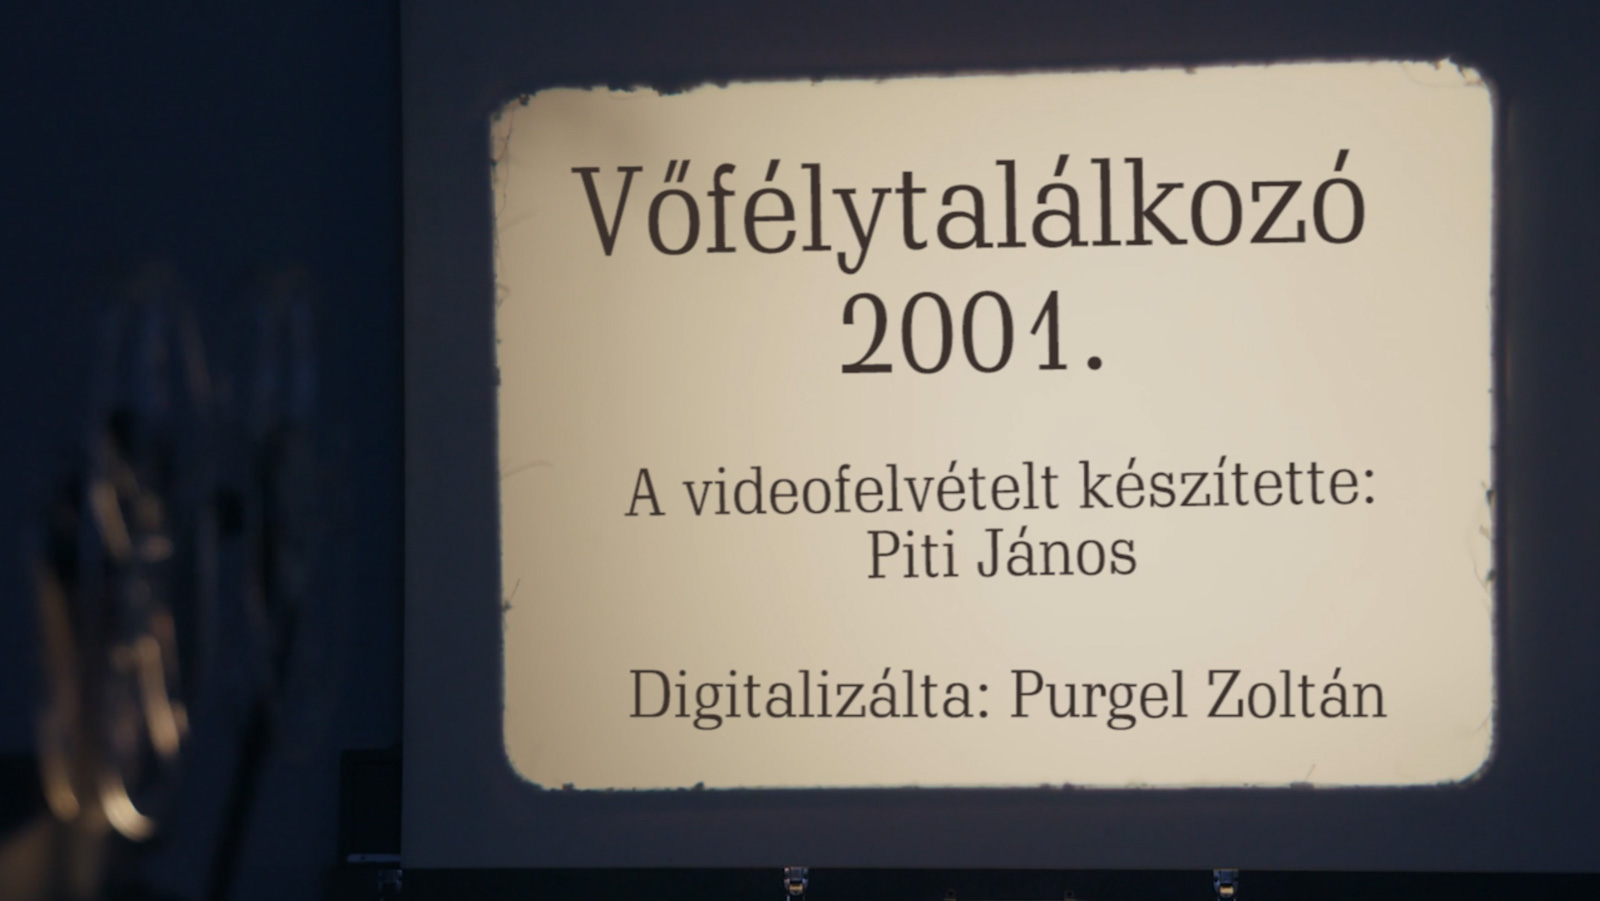 Vőfélytalálkozó 2001.